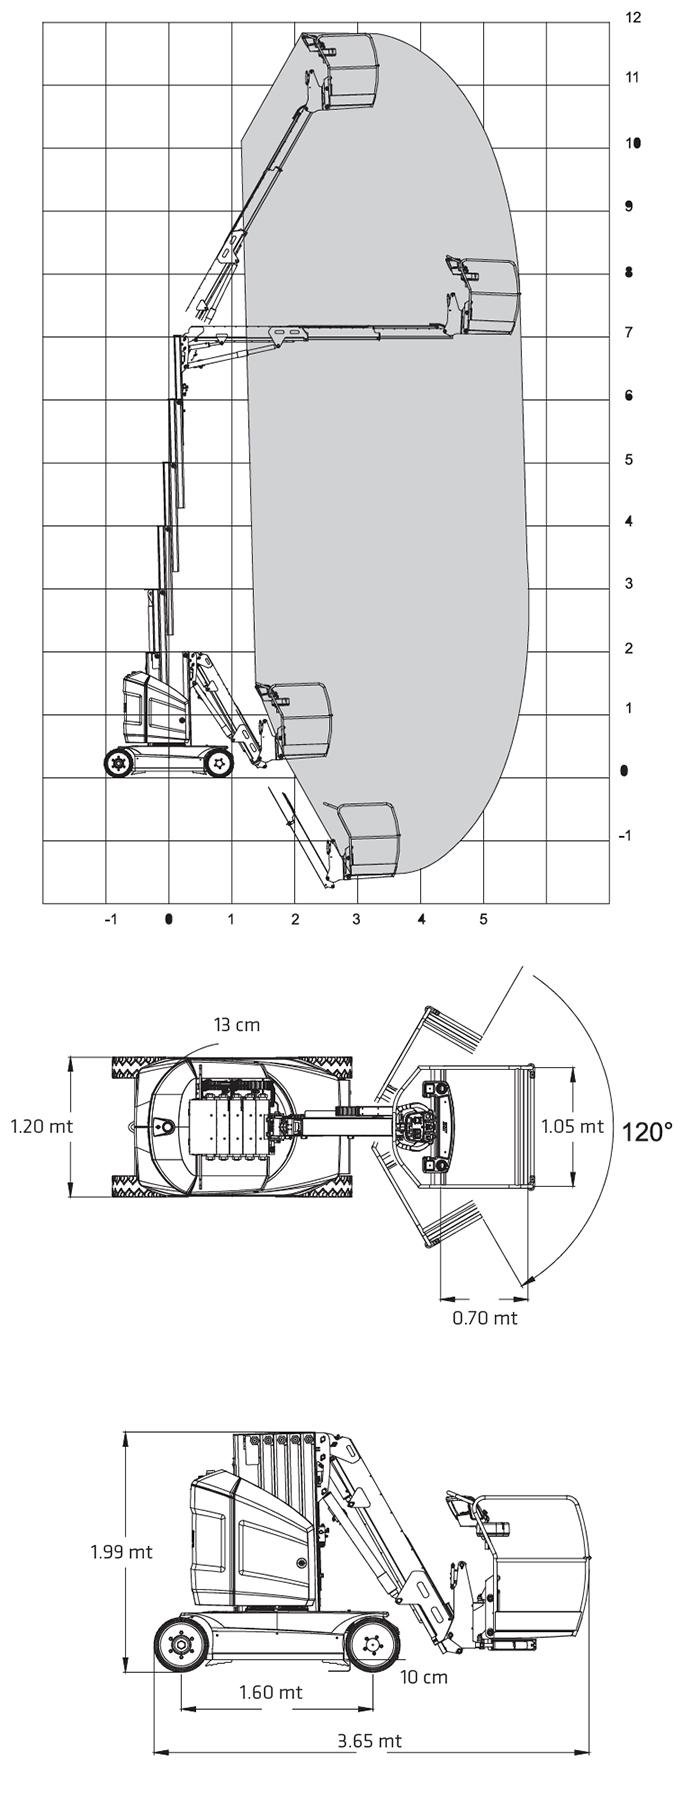 Piattaforma Semovente Verticale Elettrica con Braccio VEB 12 JL - TOUCAN 12E PLUS